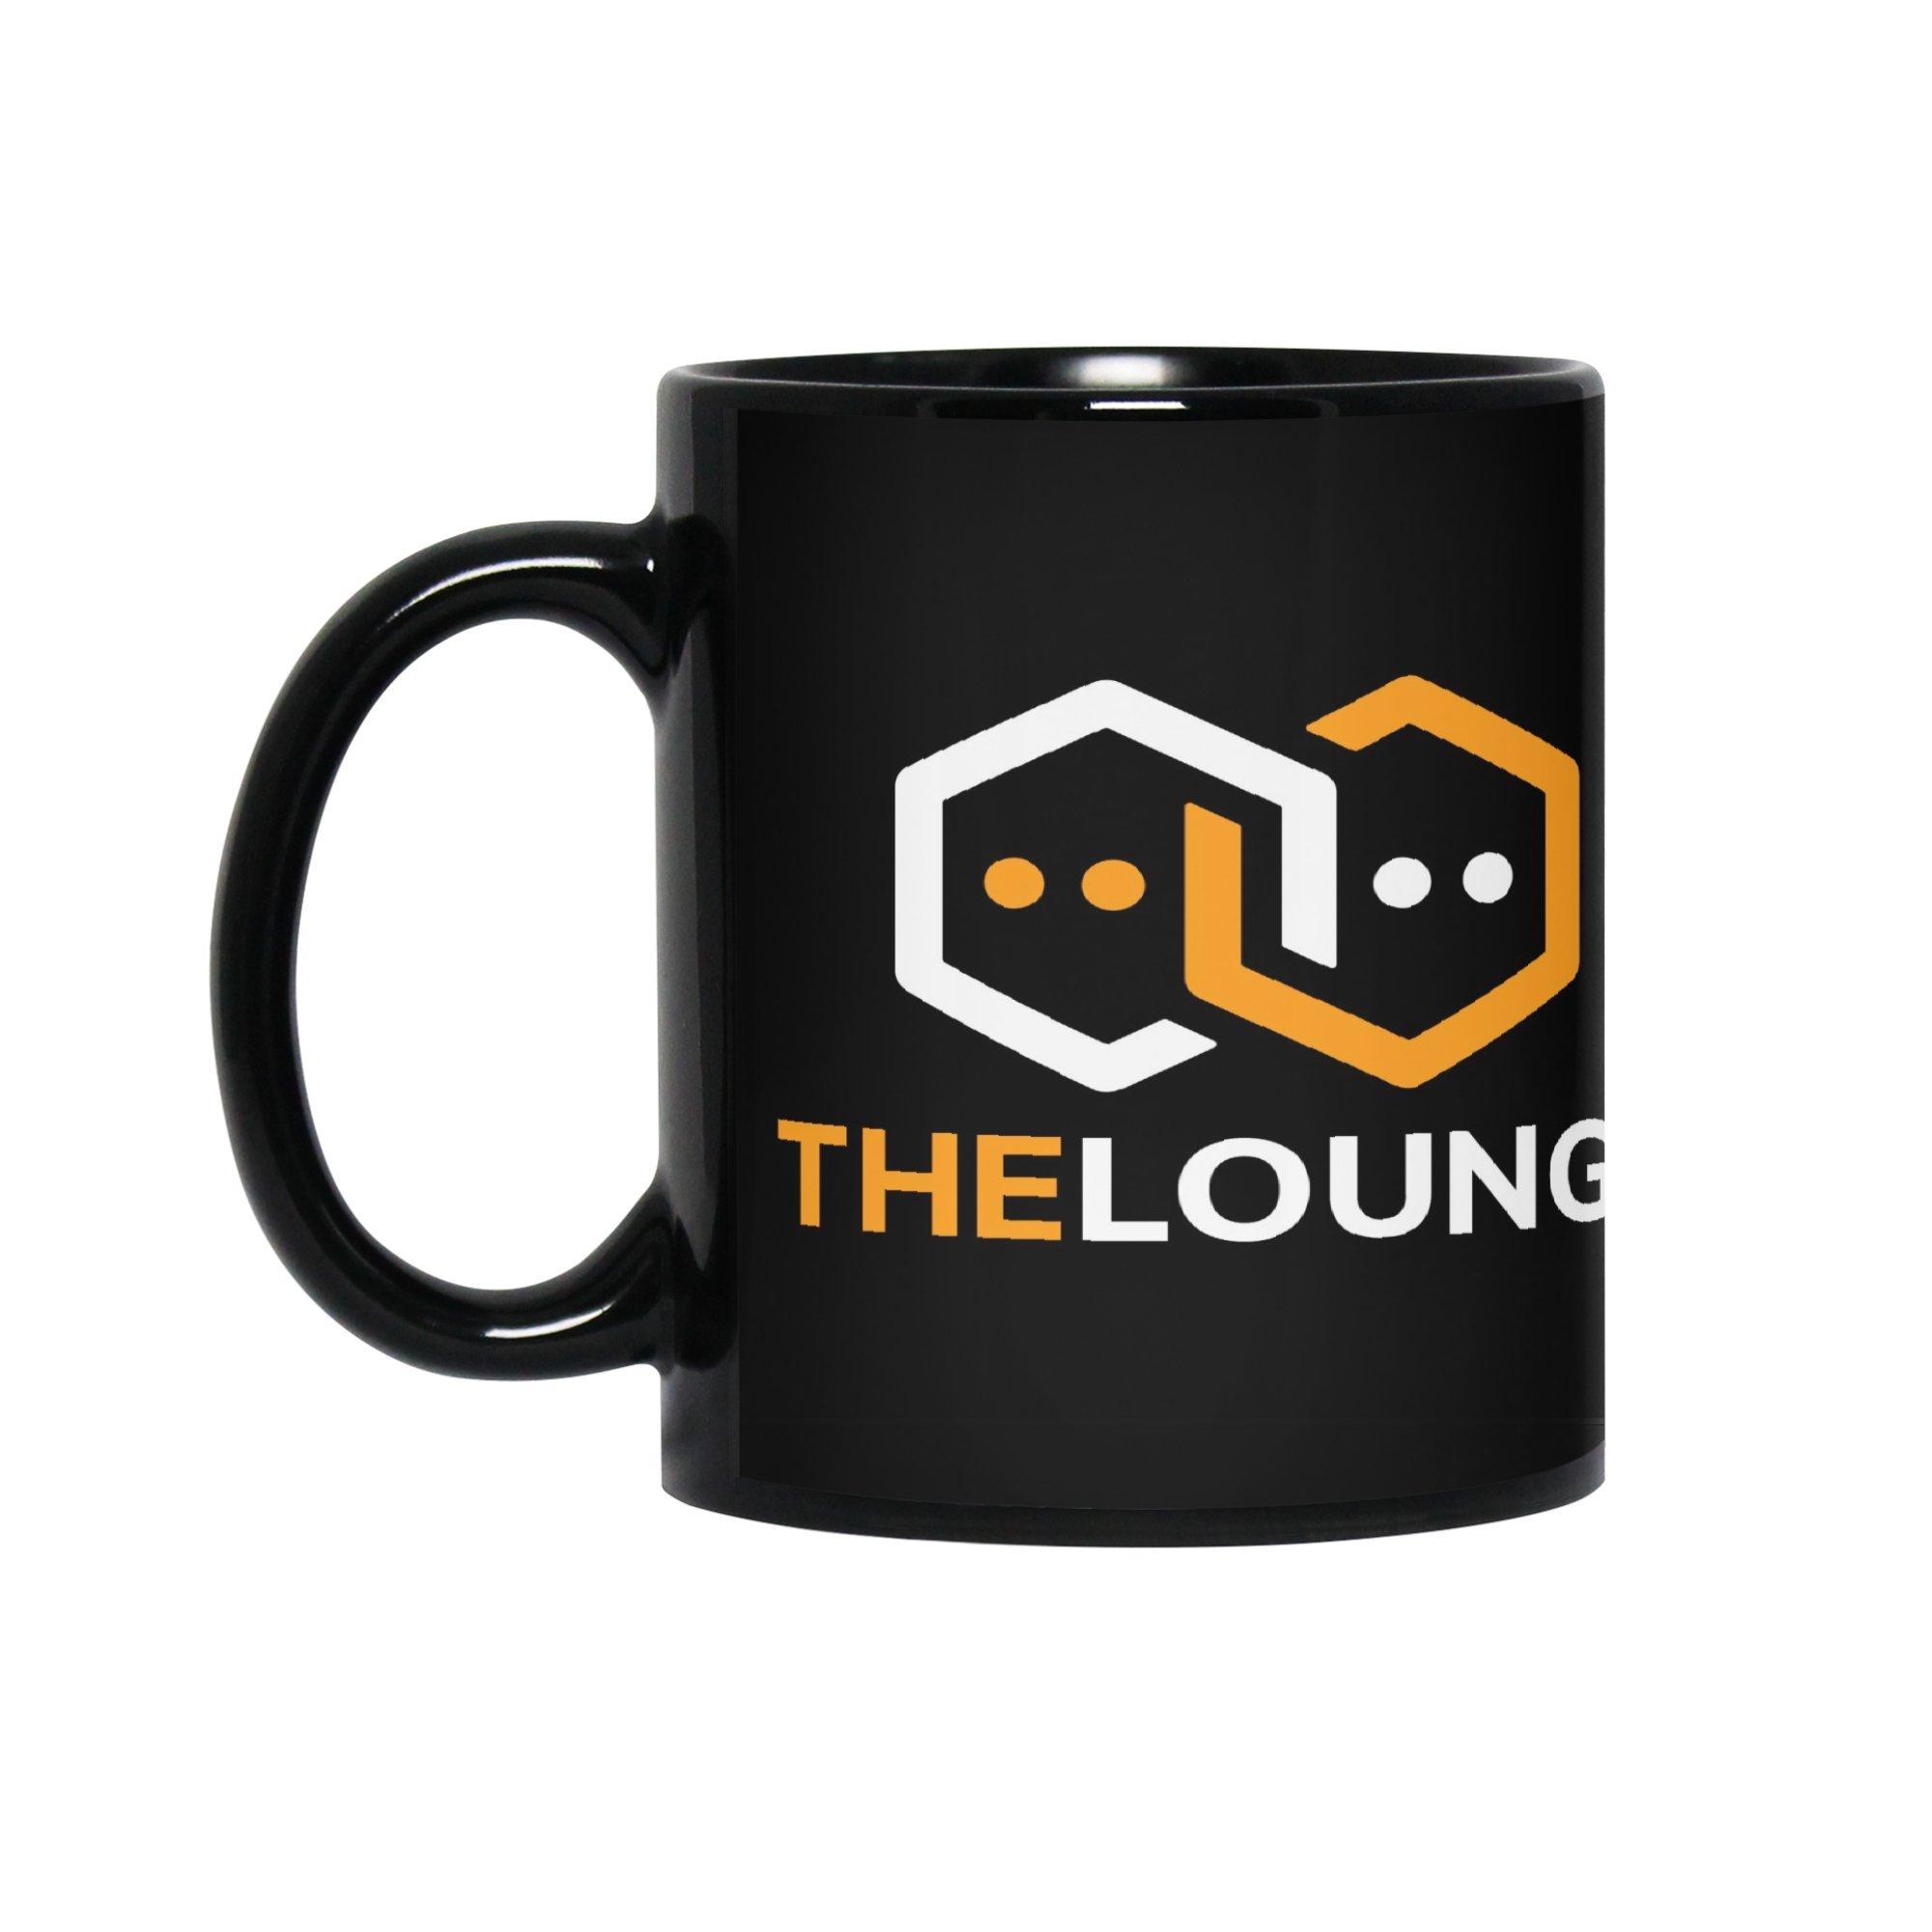 Black mug with inverted The Lounge logo